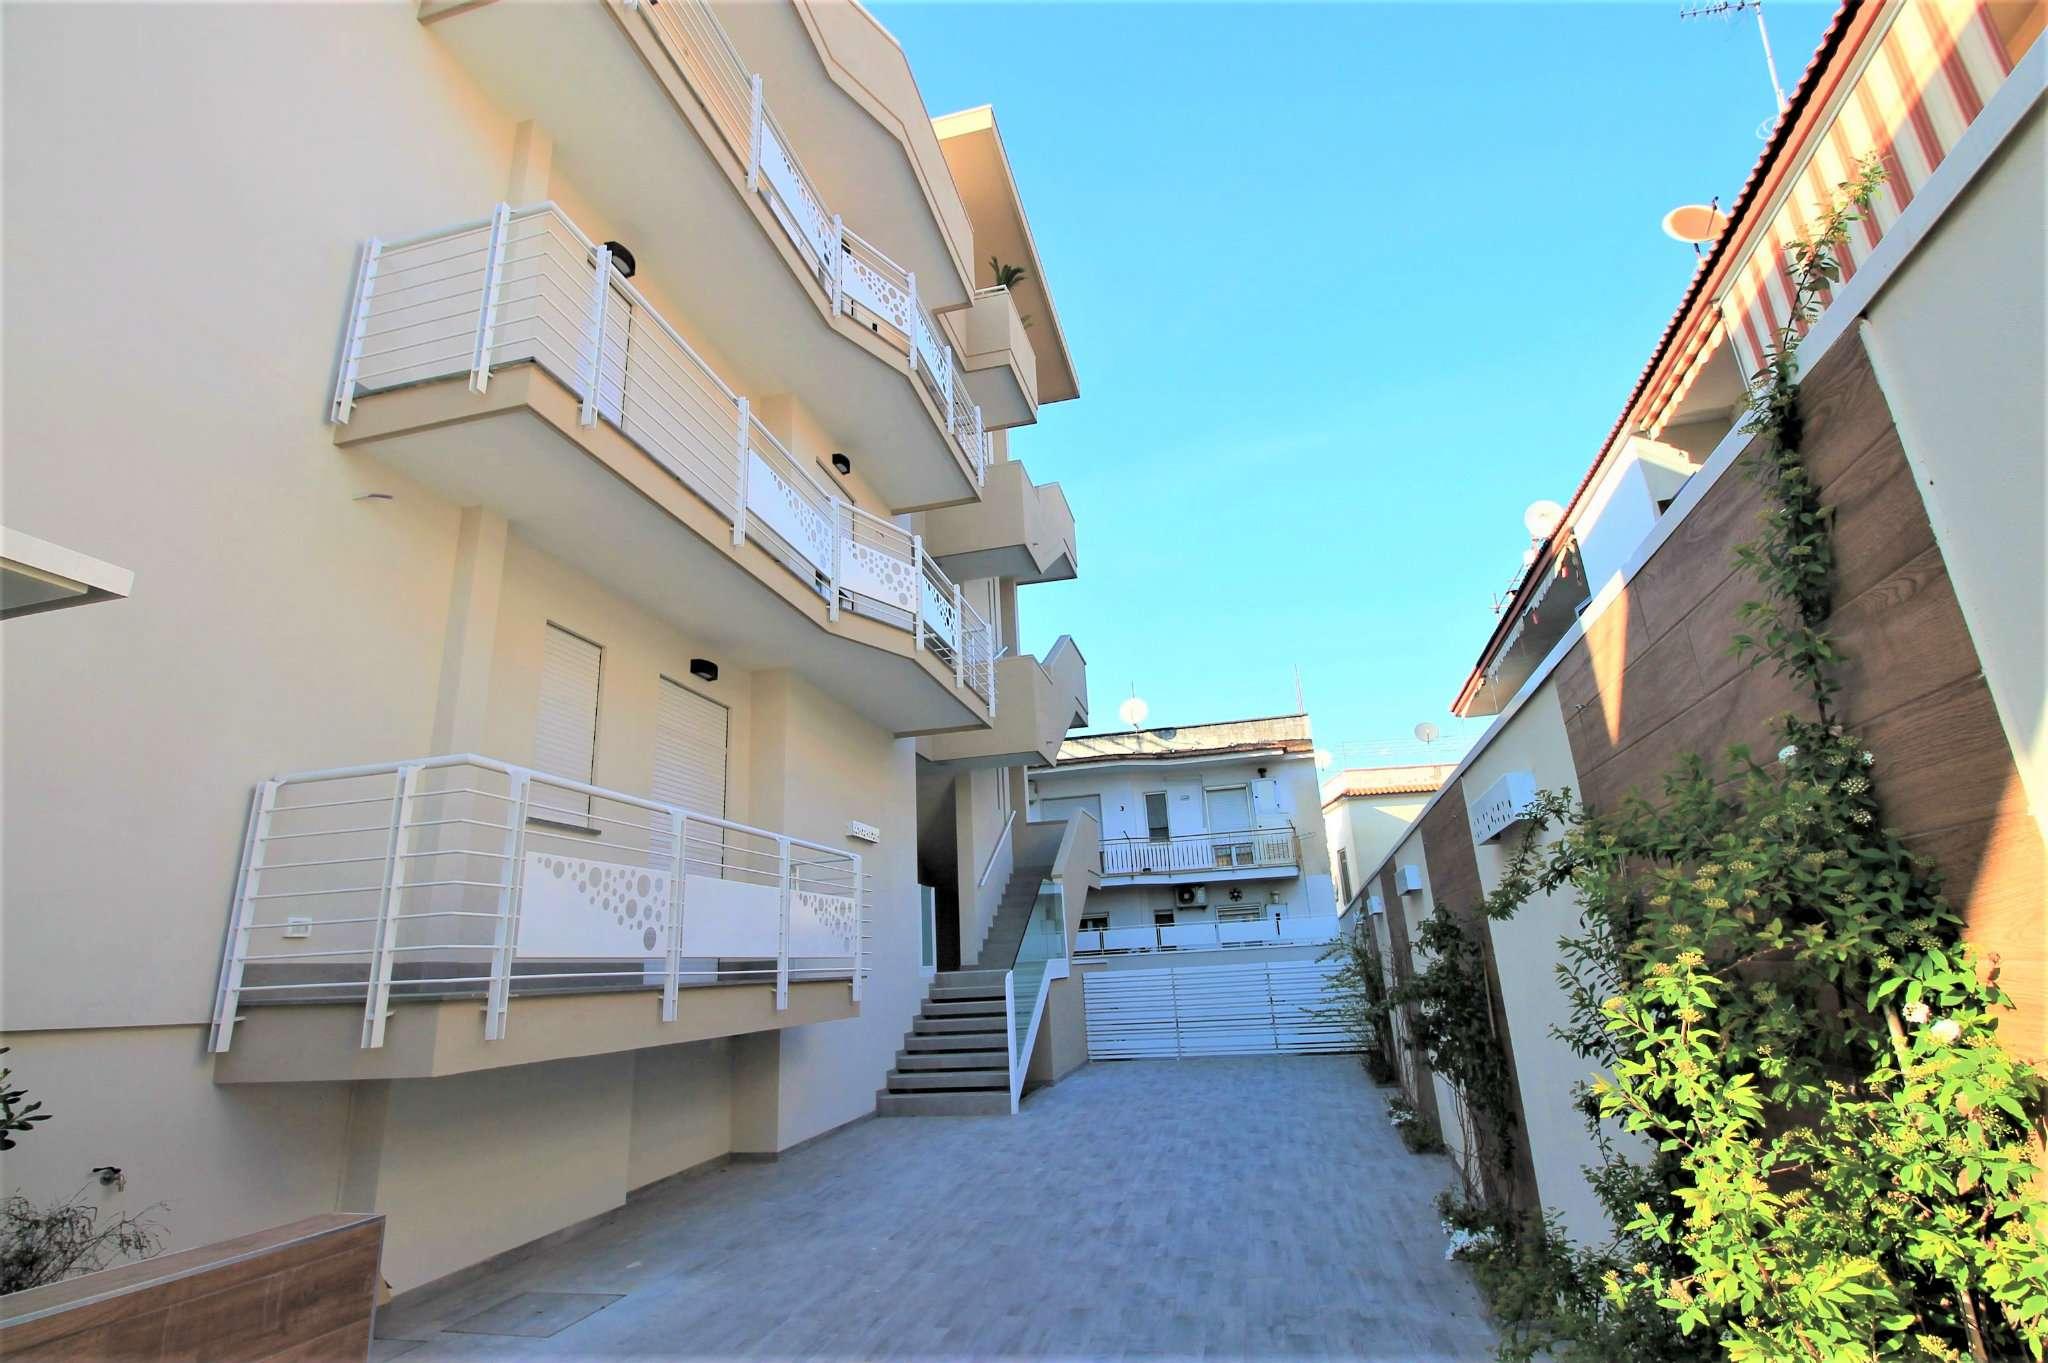 Appartamento in vendita a Brusciano, 3 locali, prezzo € 170.000 | CambioCasa.it